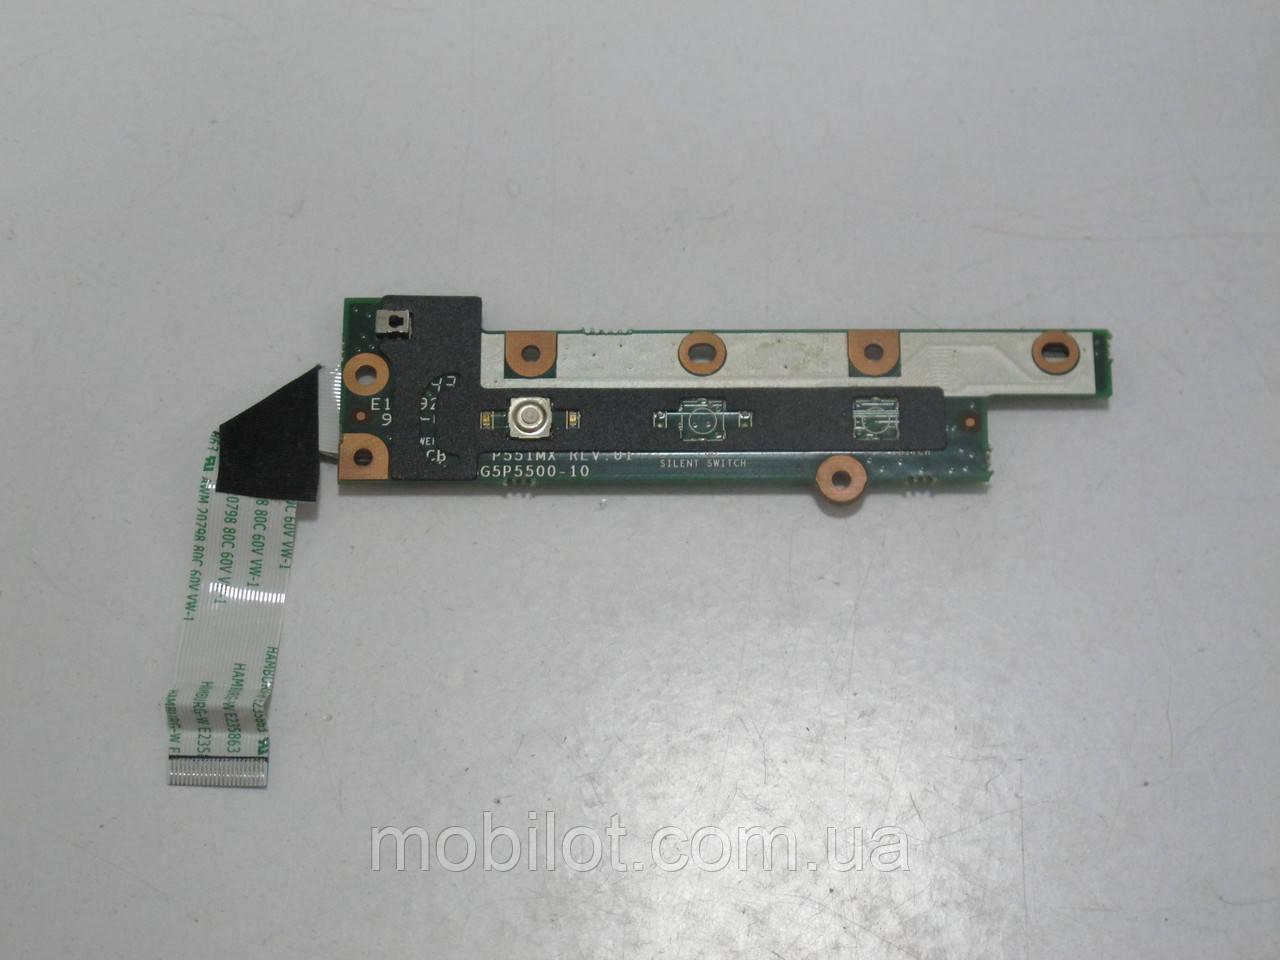 Кнопка включения Fujitsu Amilo Xi2528 (NZ-6654)